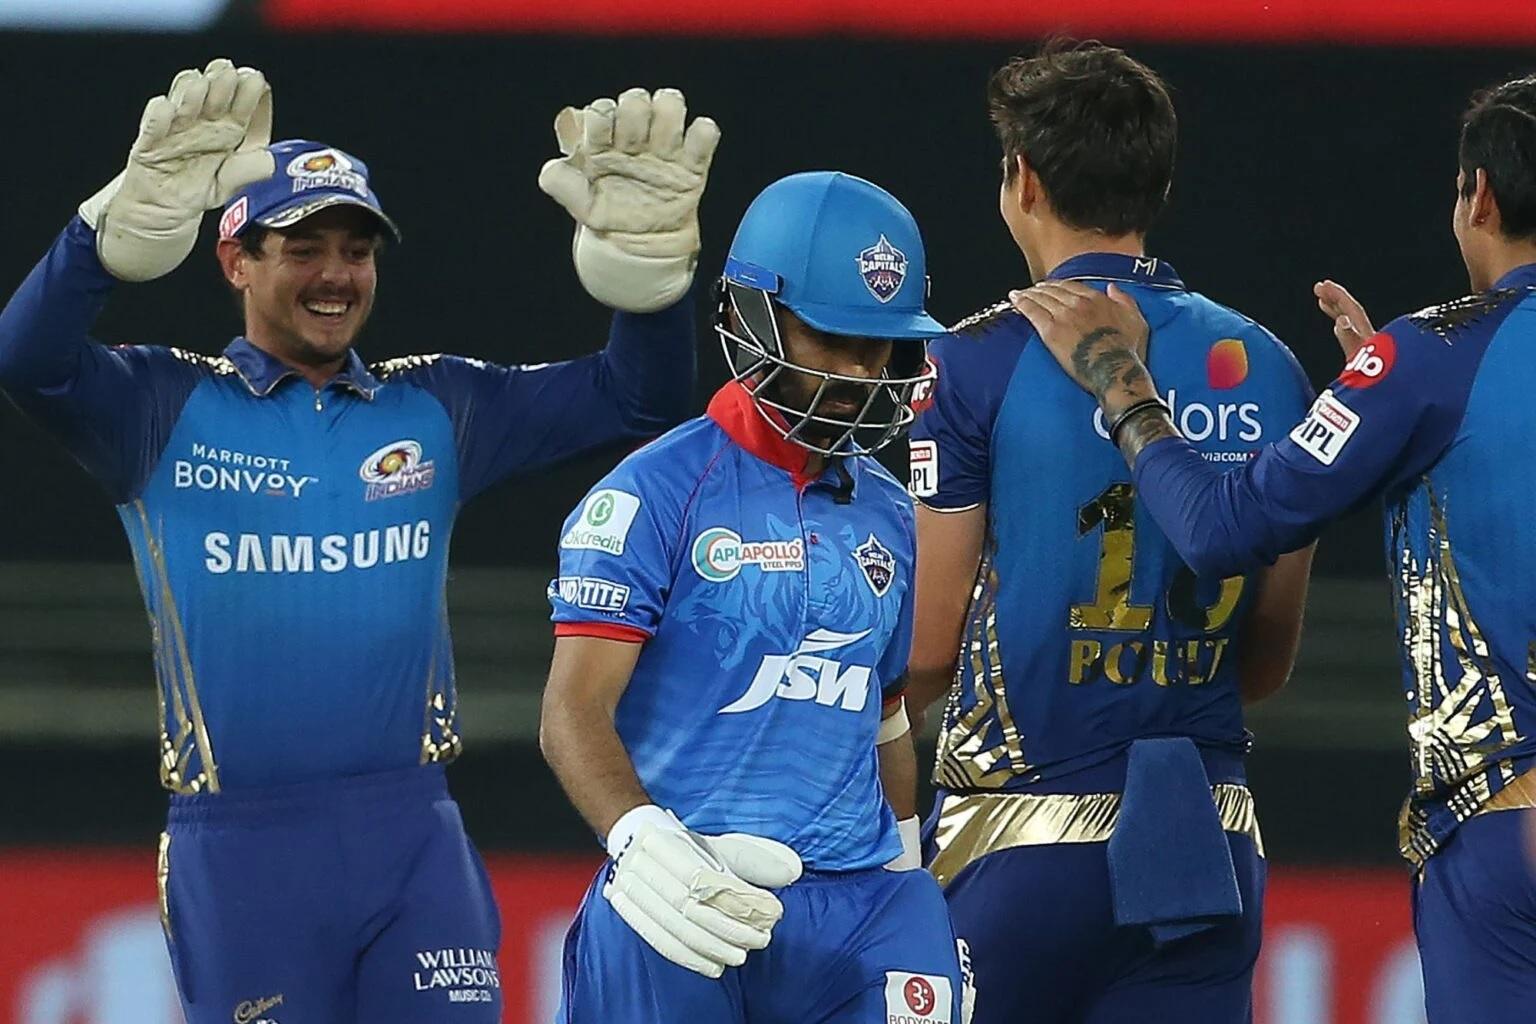 MIvsDC: দিল্লি ক্যাপিটালসকে ৫৭ রানে হারিয়ে মুম্বাই ইন্ডিয়ান্স পেল ফাইনালের টিকিট 3